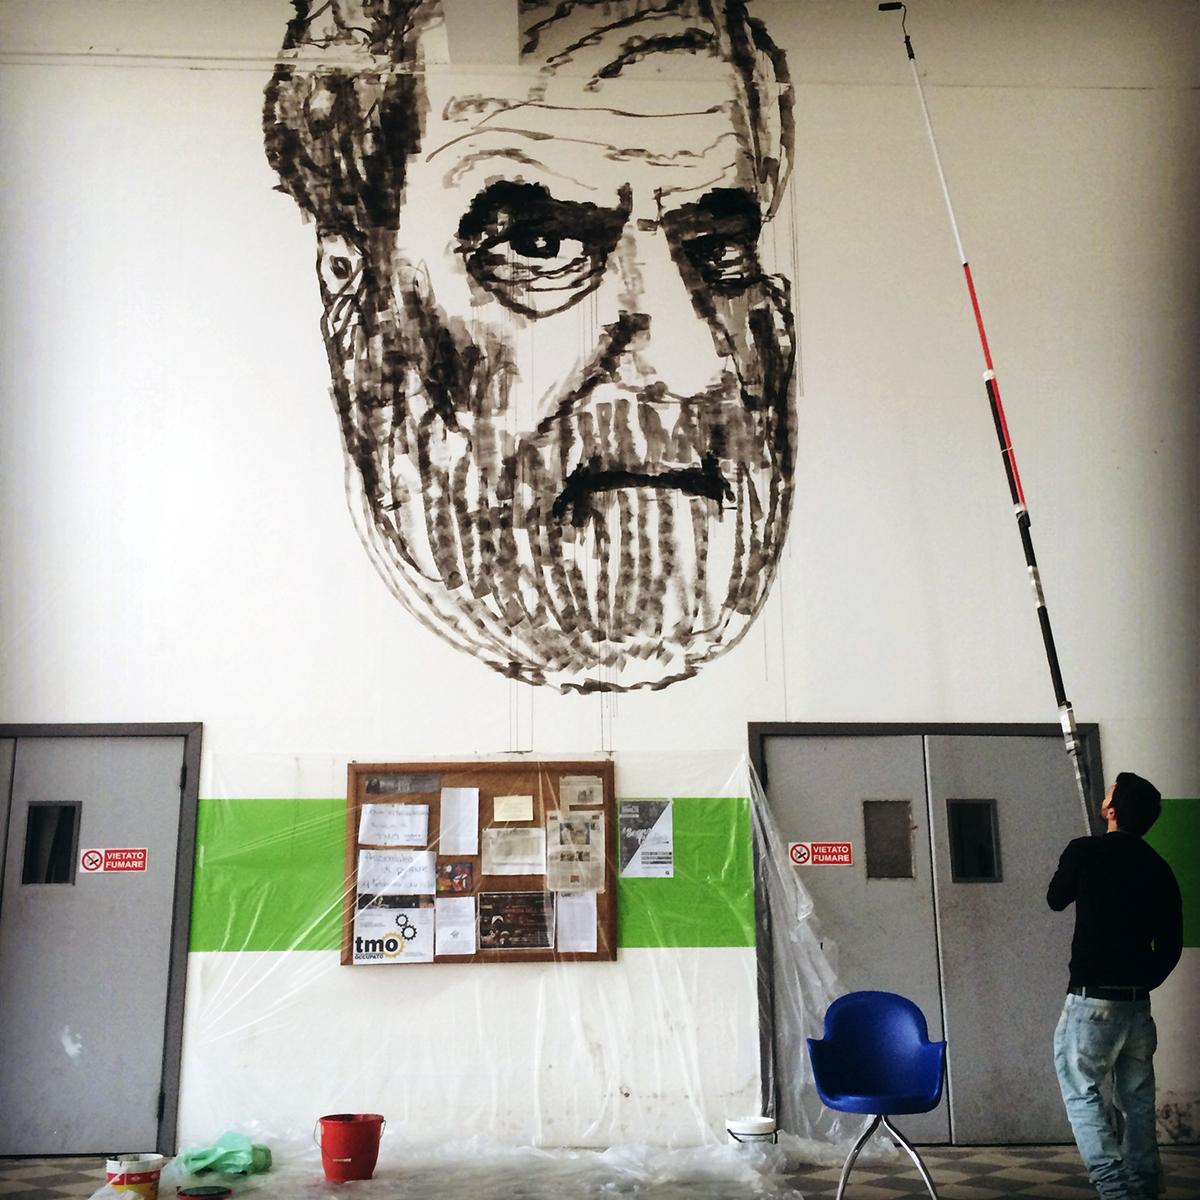 collettivo-fx-new-mural-in-palermo-03